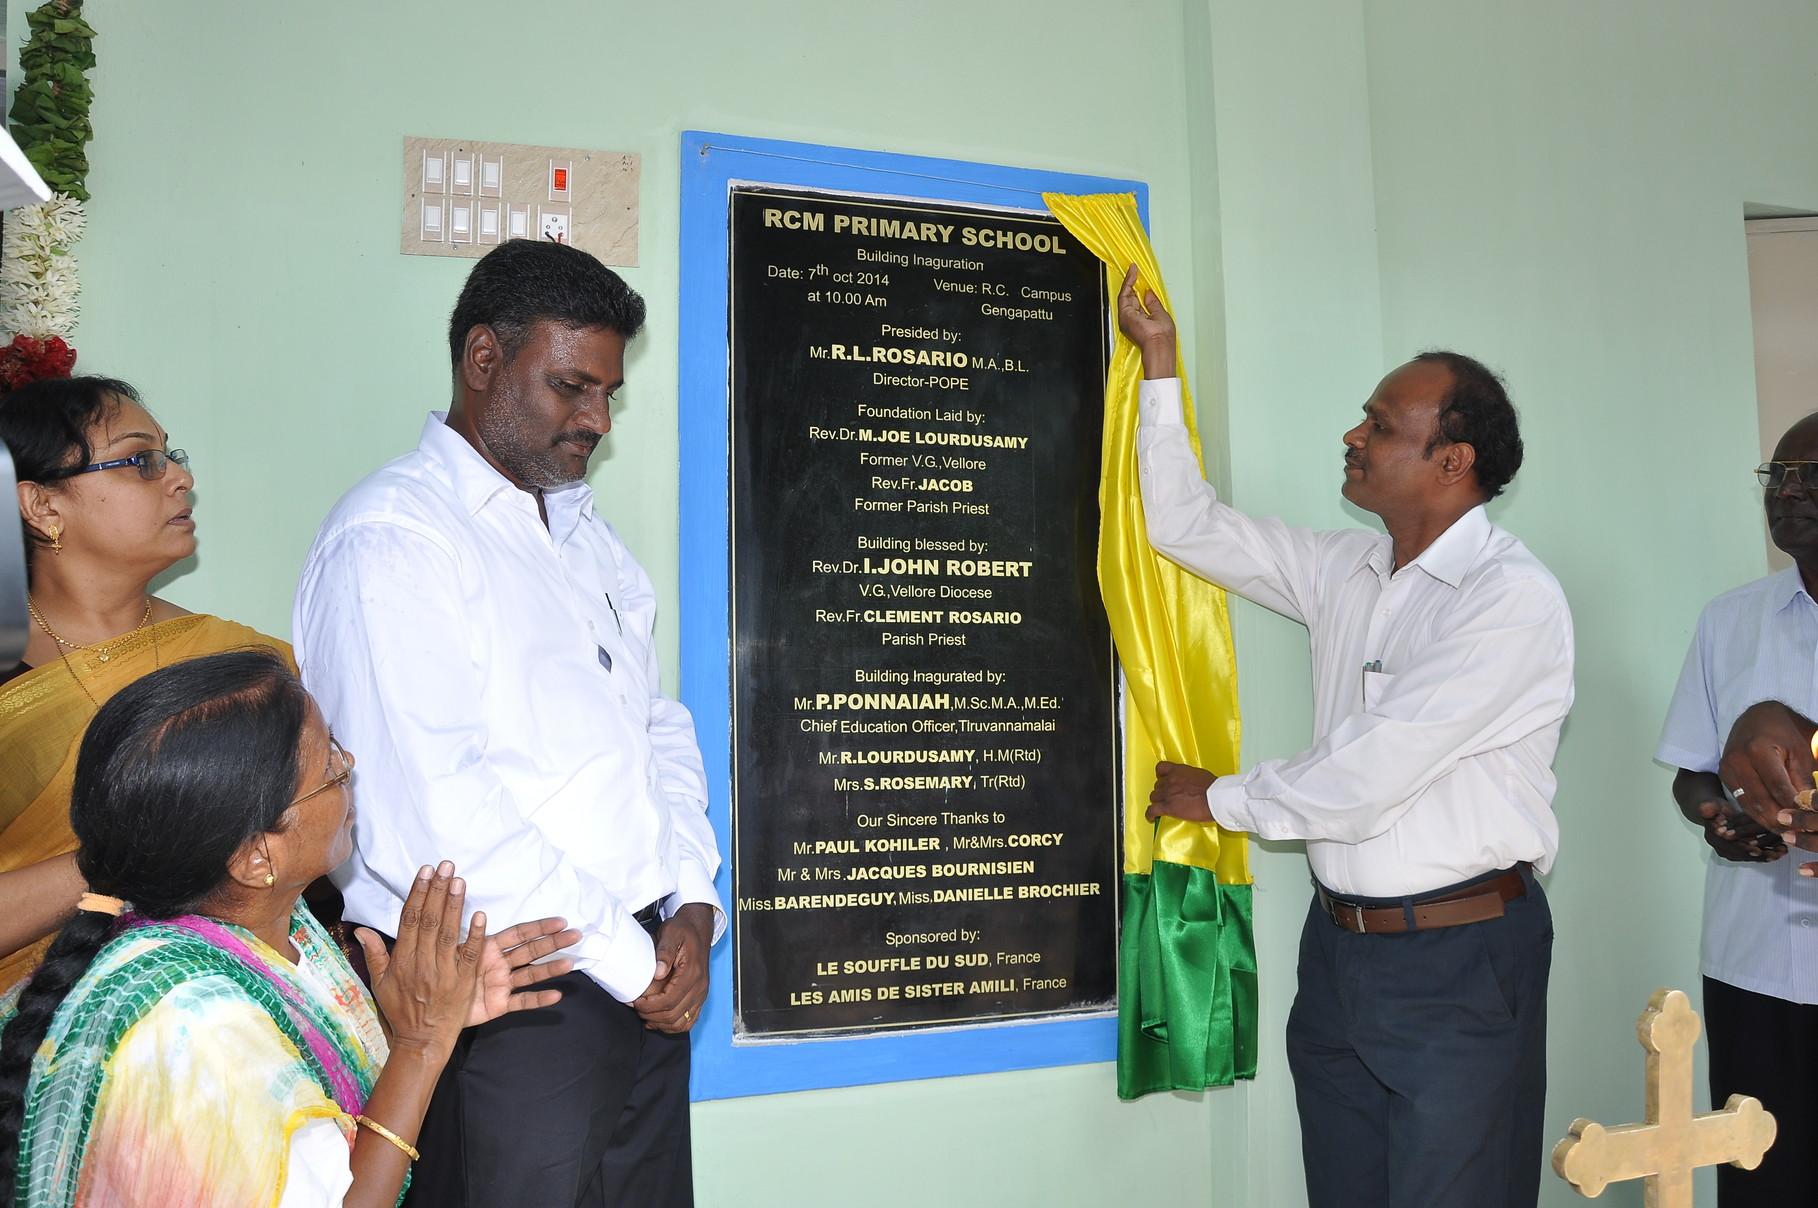 Découverte  de la plaque par M. P. Ponnaiah, Directeur  chargé de l'éducation dans le district de Tiruvannamalai